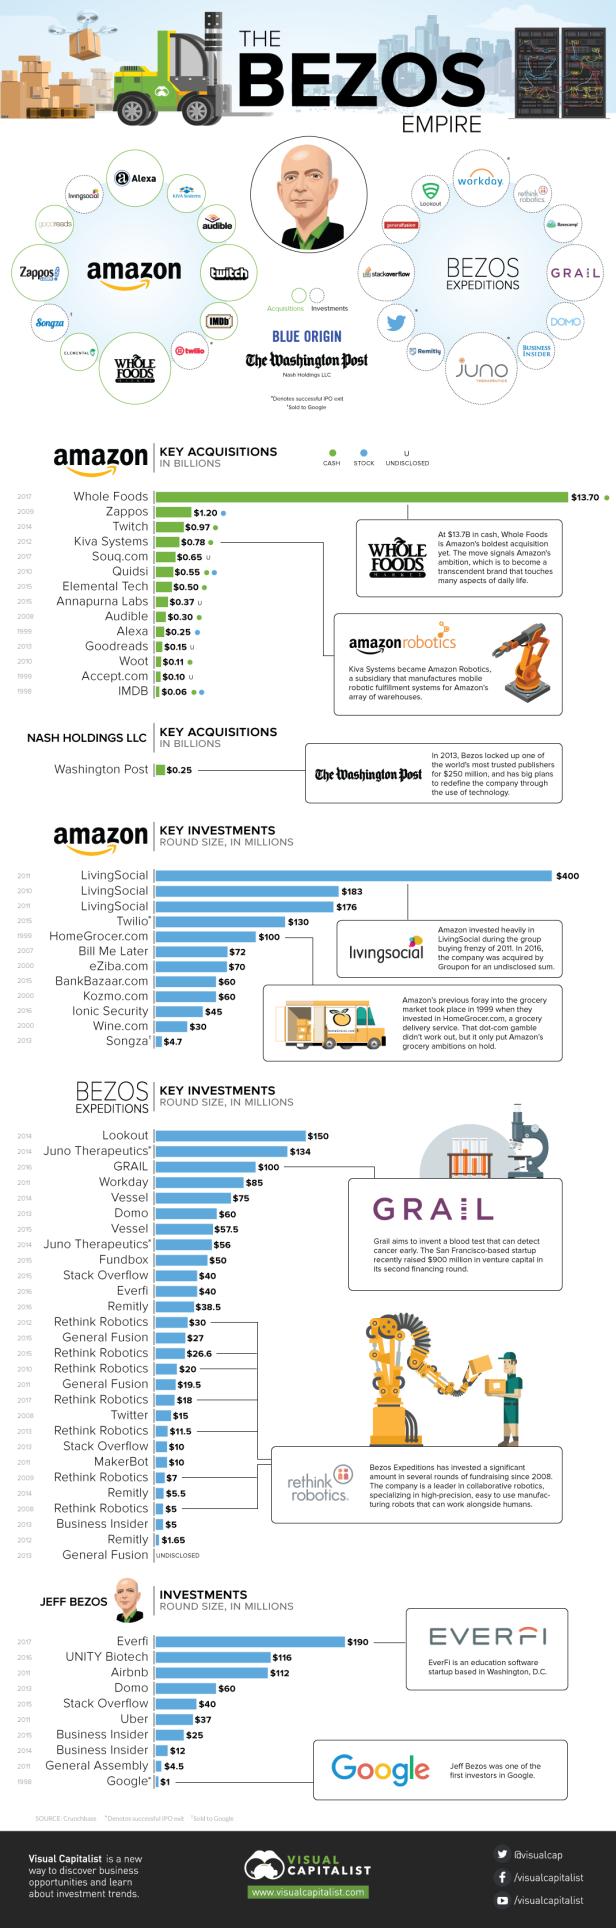 the-jeff-bezos-empire-infographic